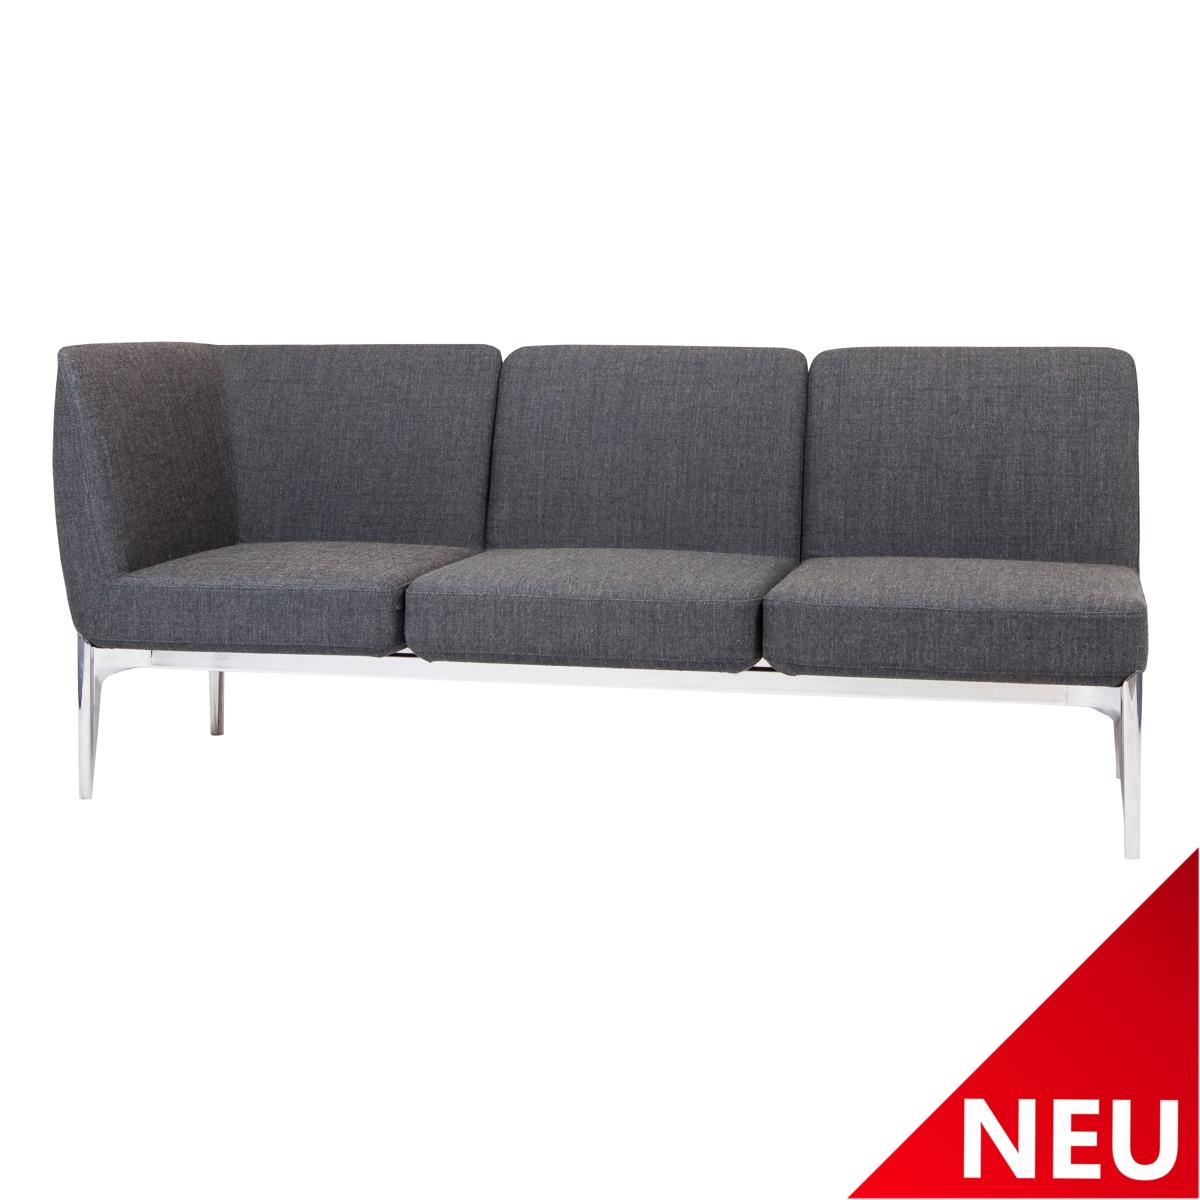 Sofa SOCIAL III left